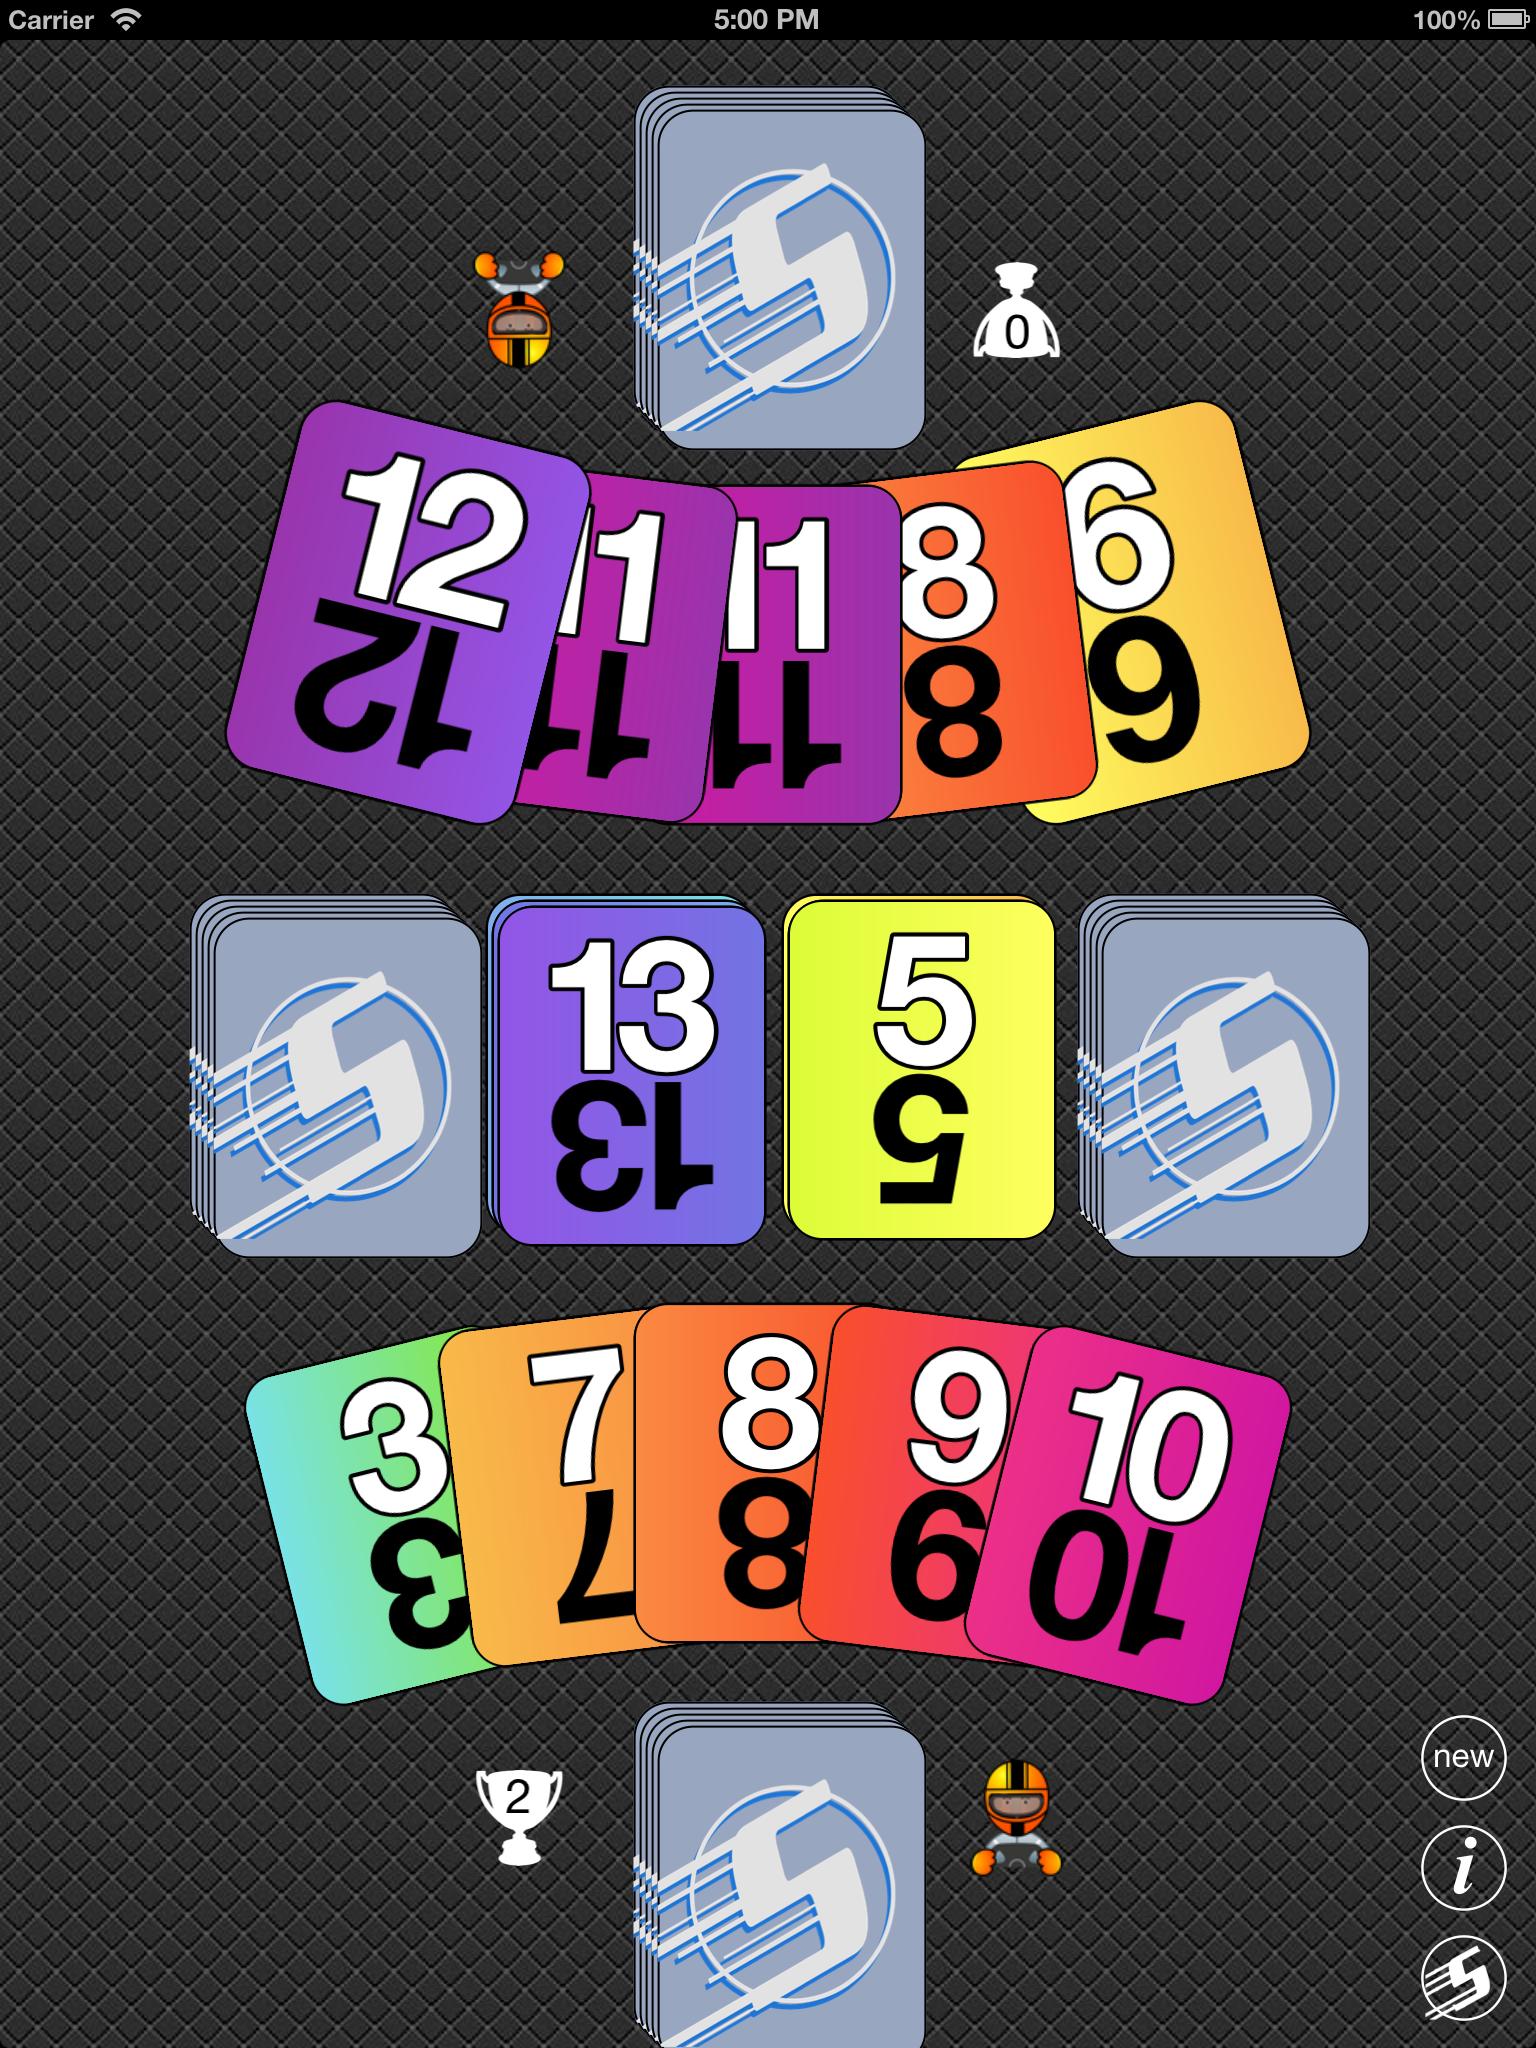 iOS Simulator Screen shot Jul 30, 2013 5.00.50 PM.png